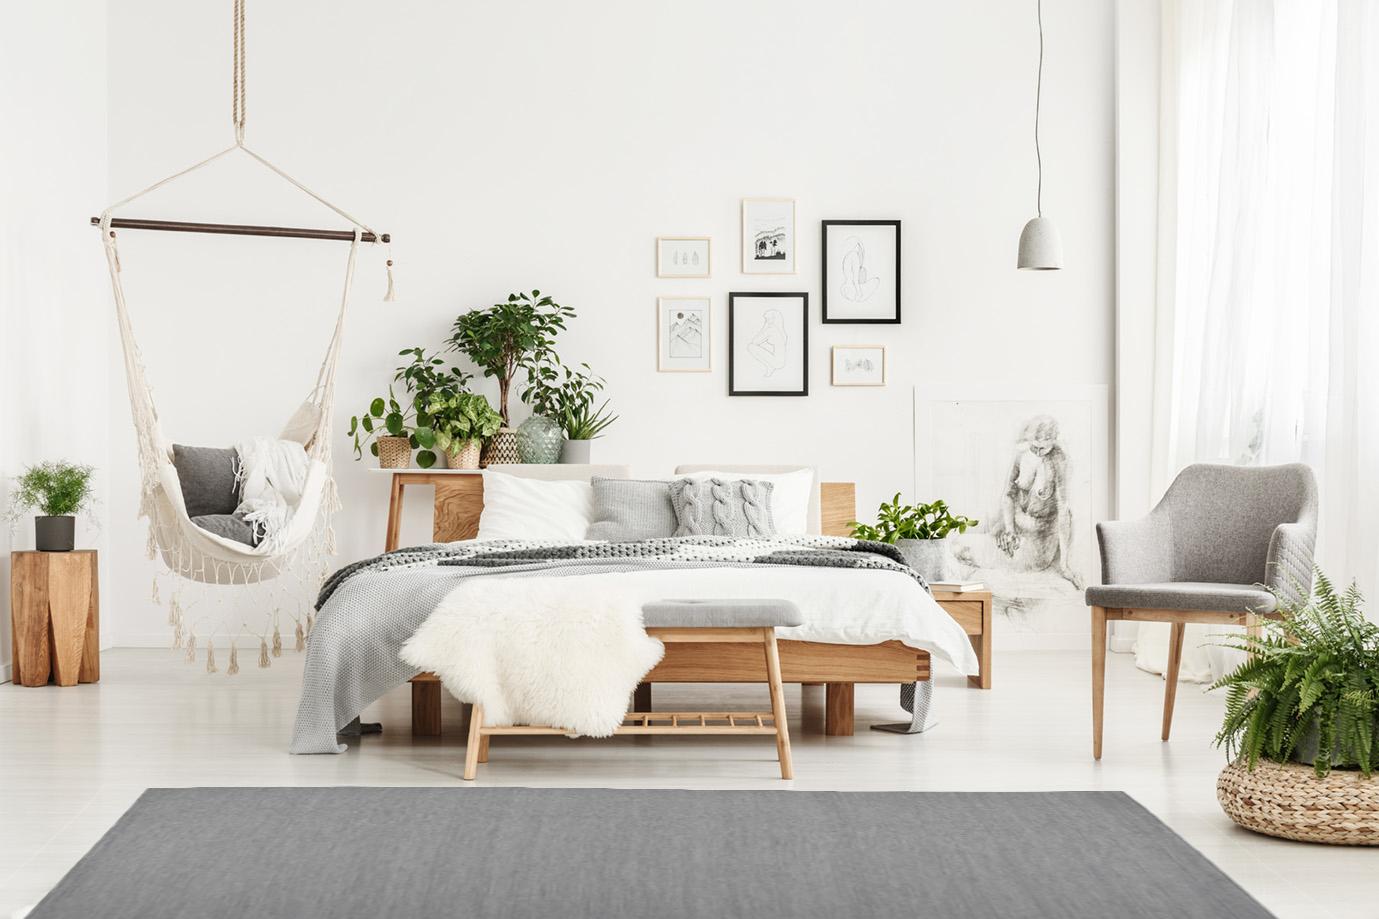 Alfombras de color gris, equilibrio en tu hogar.